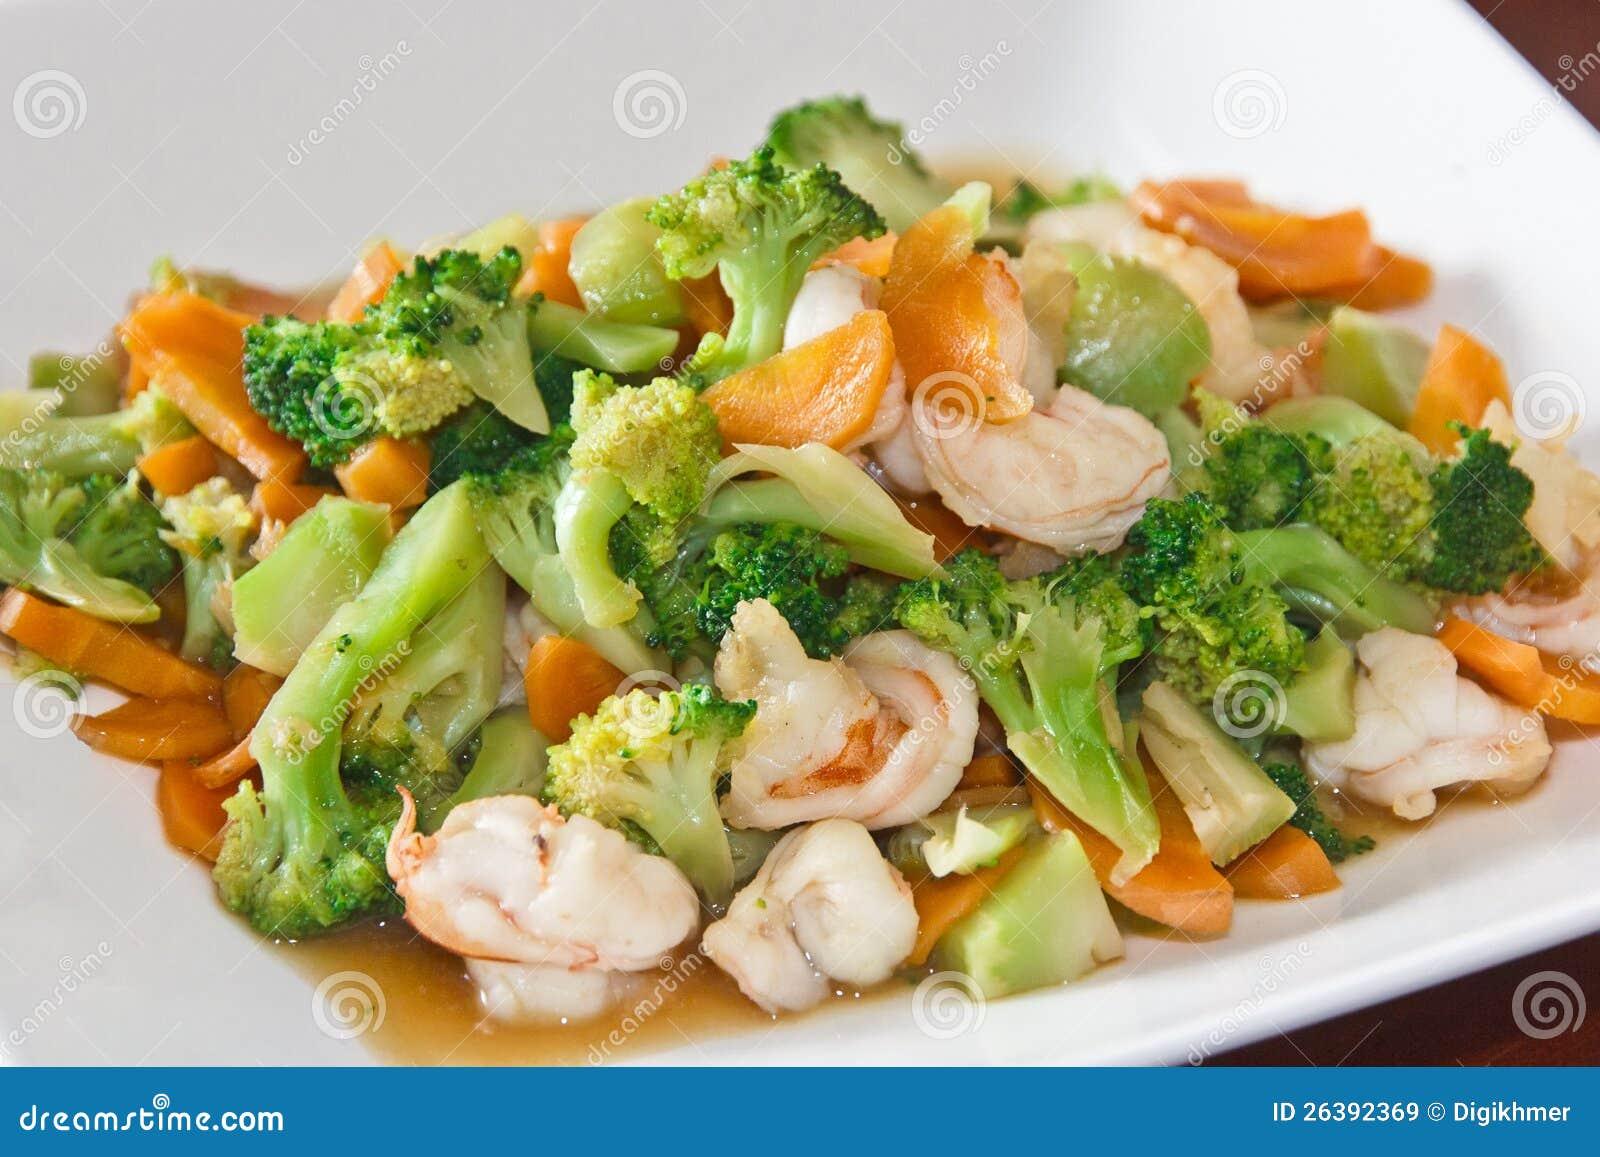 做的家食物搅动油炸物蔬菜